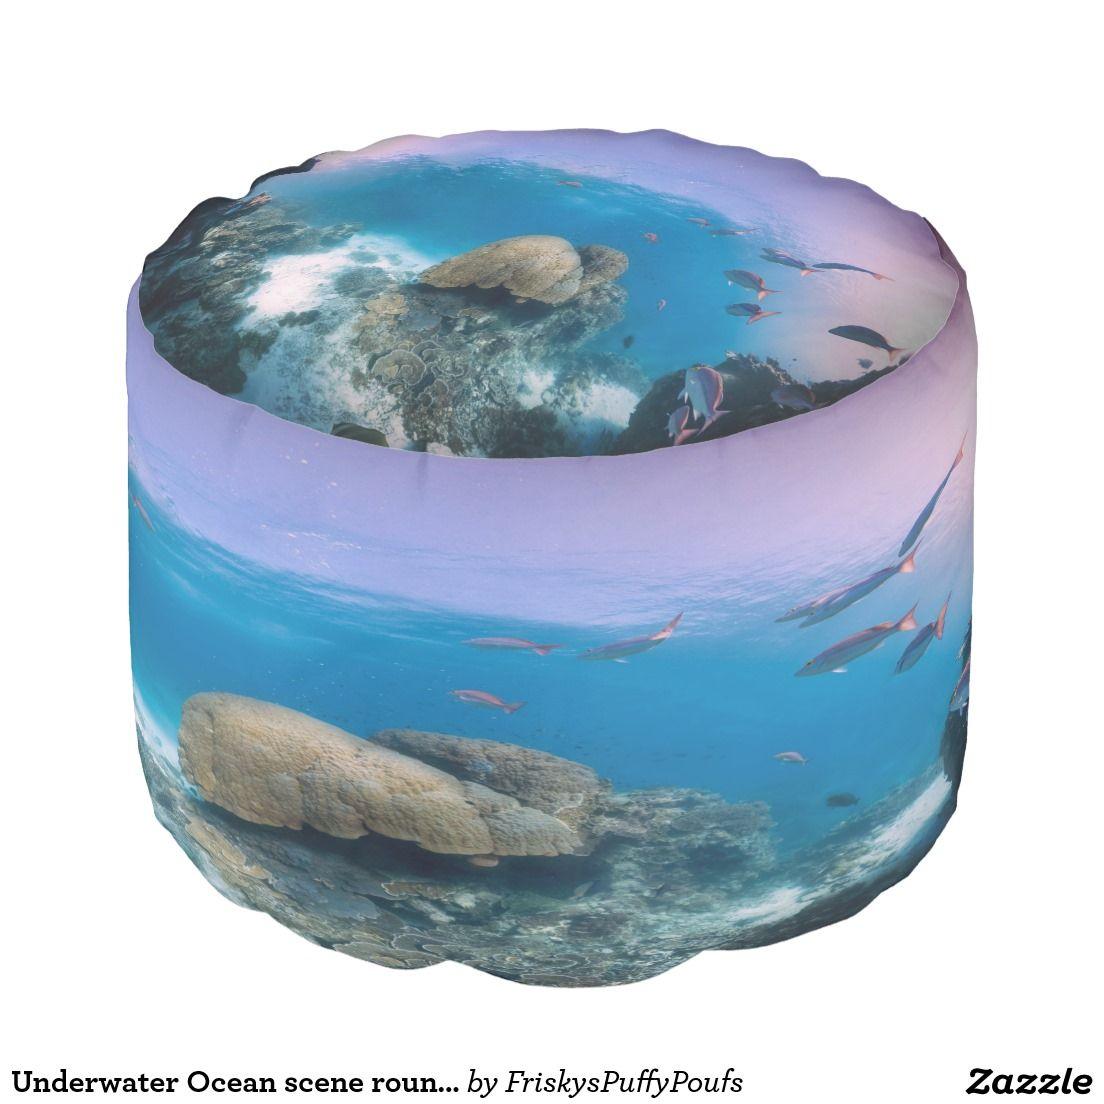 underwater ocean scene round pouf underwater ocean scenes and scene